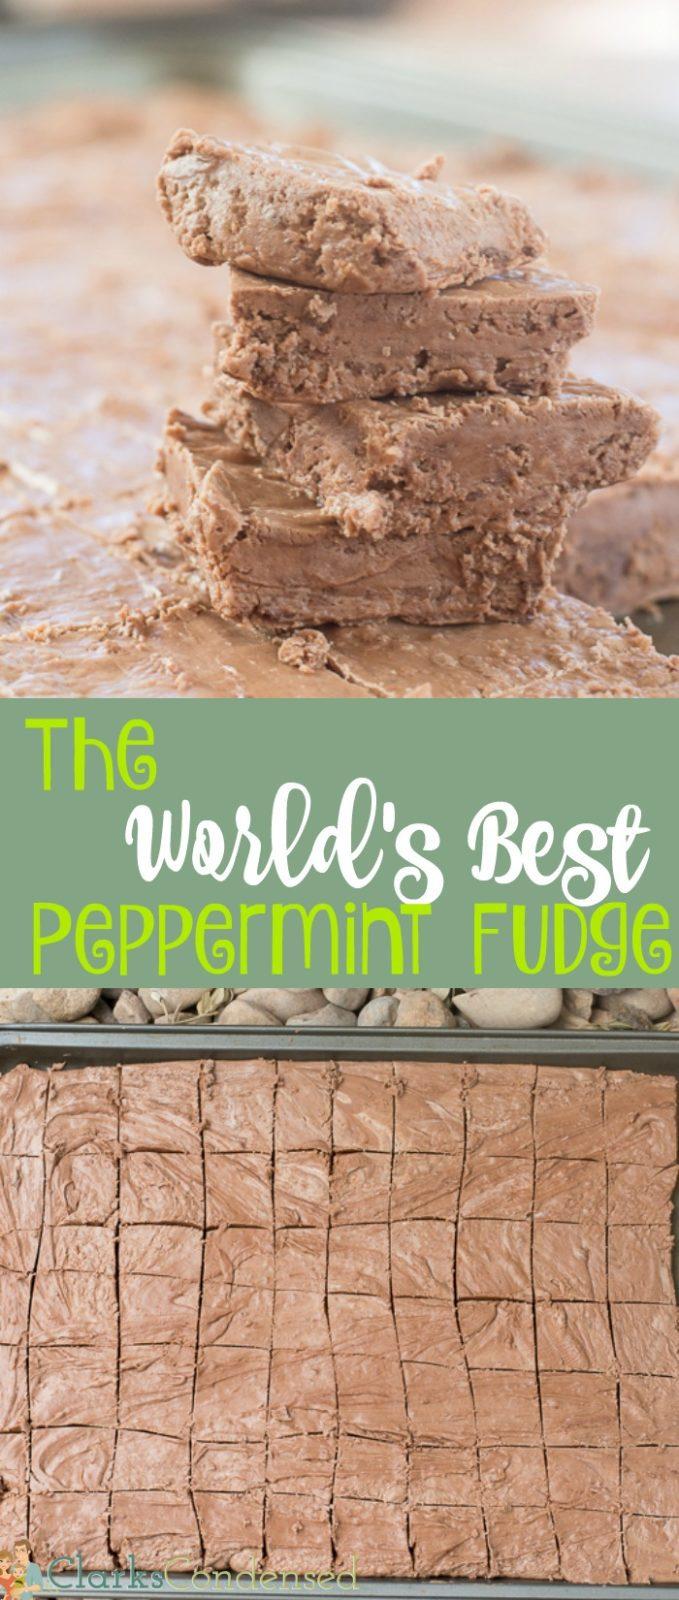 peppernint-fudge